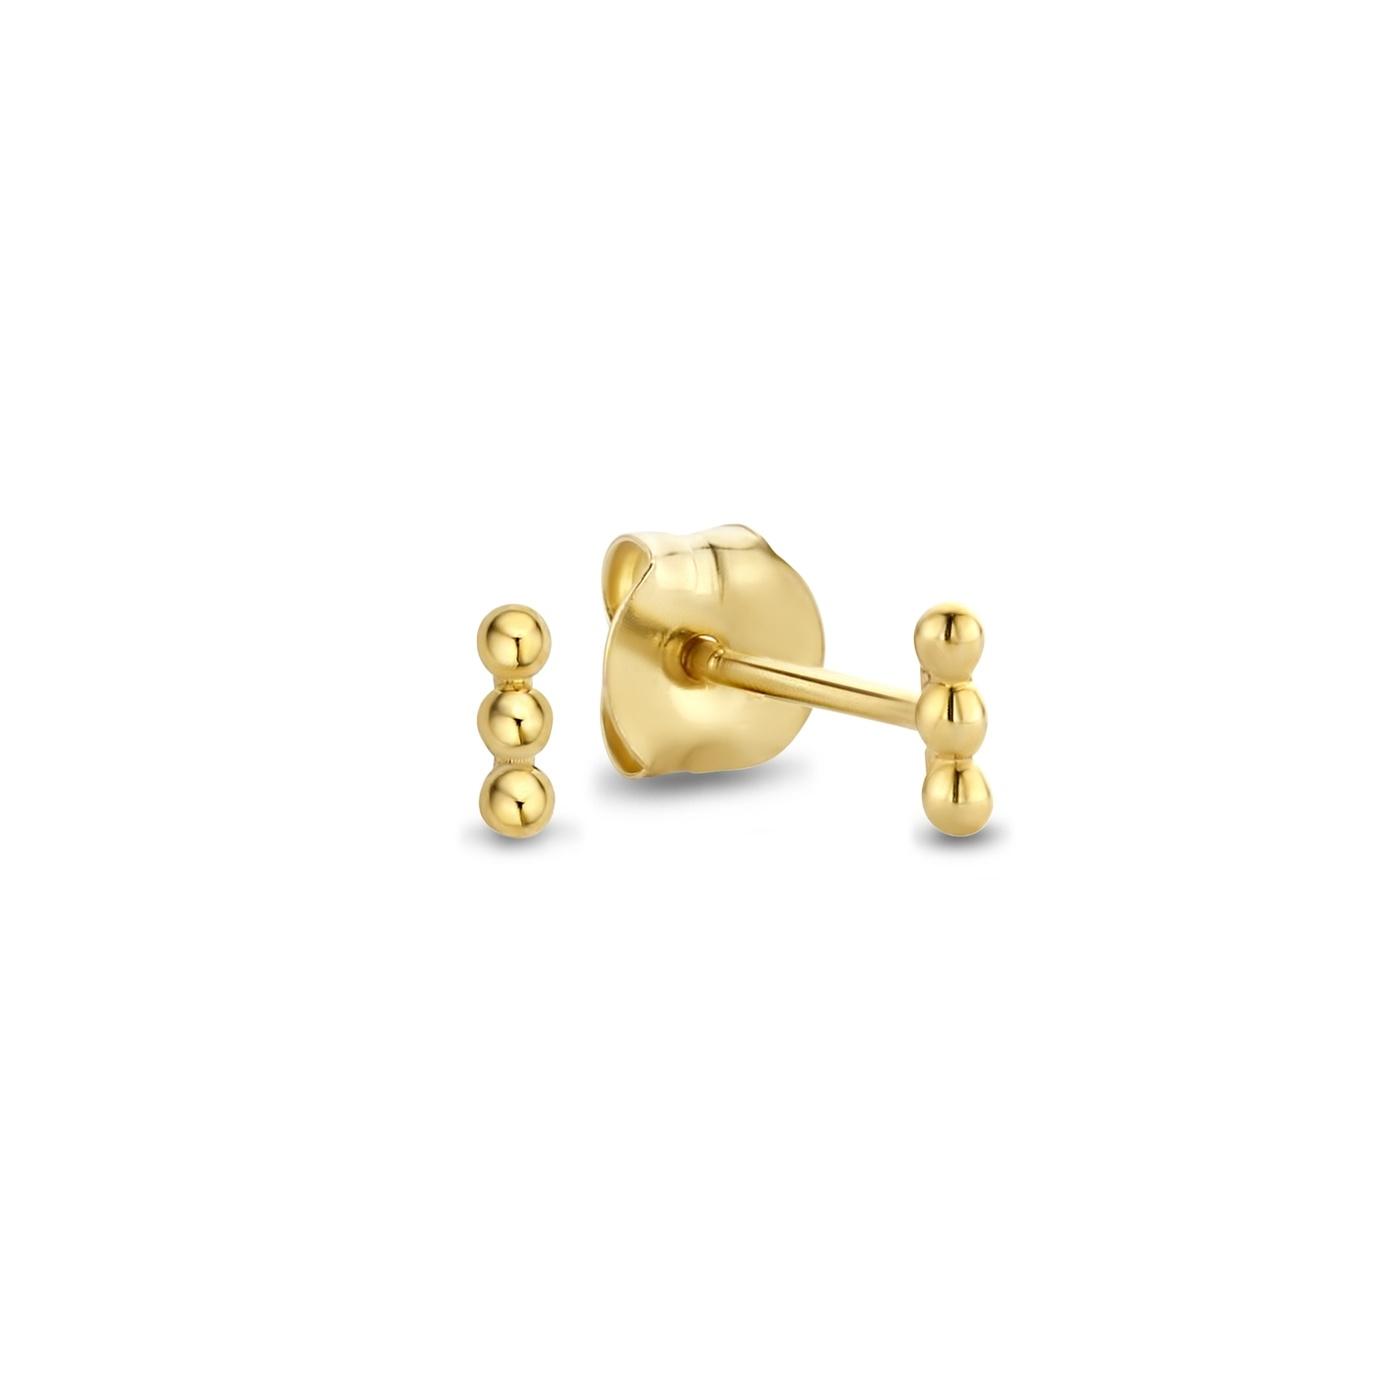 Isabel Bernard Rivoli Claire 14 karaat gouden oorknoppen met bolletjes